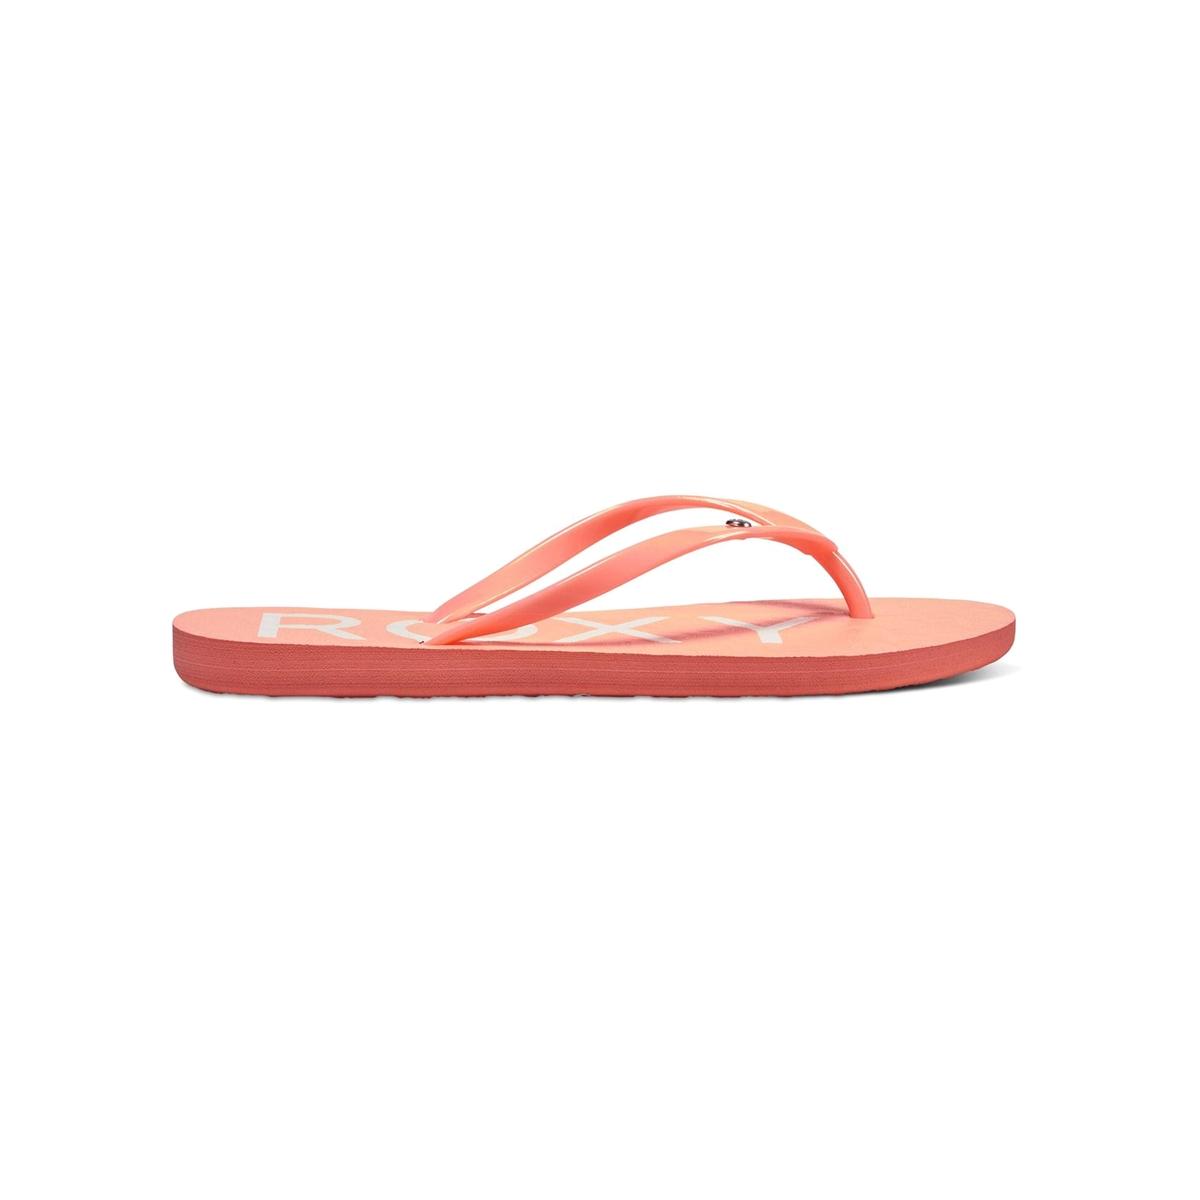 Вьетнамки SandyВерх : синтетика   Подошва : каучук   Форма каблука : плоский каблук   Мысок : открытый мысок   Застежка : без застежки<br><br>Цвет: розовый/ белый